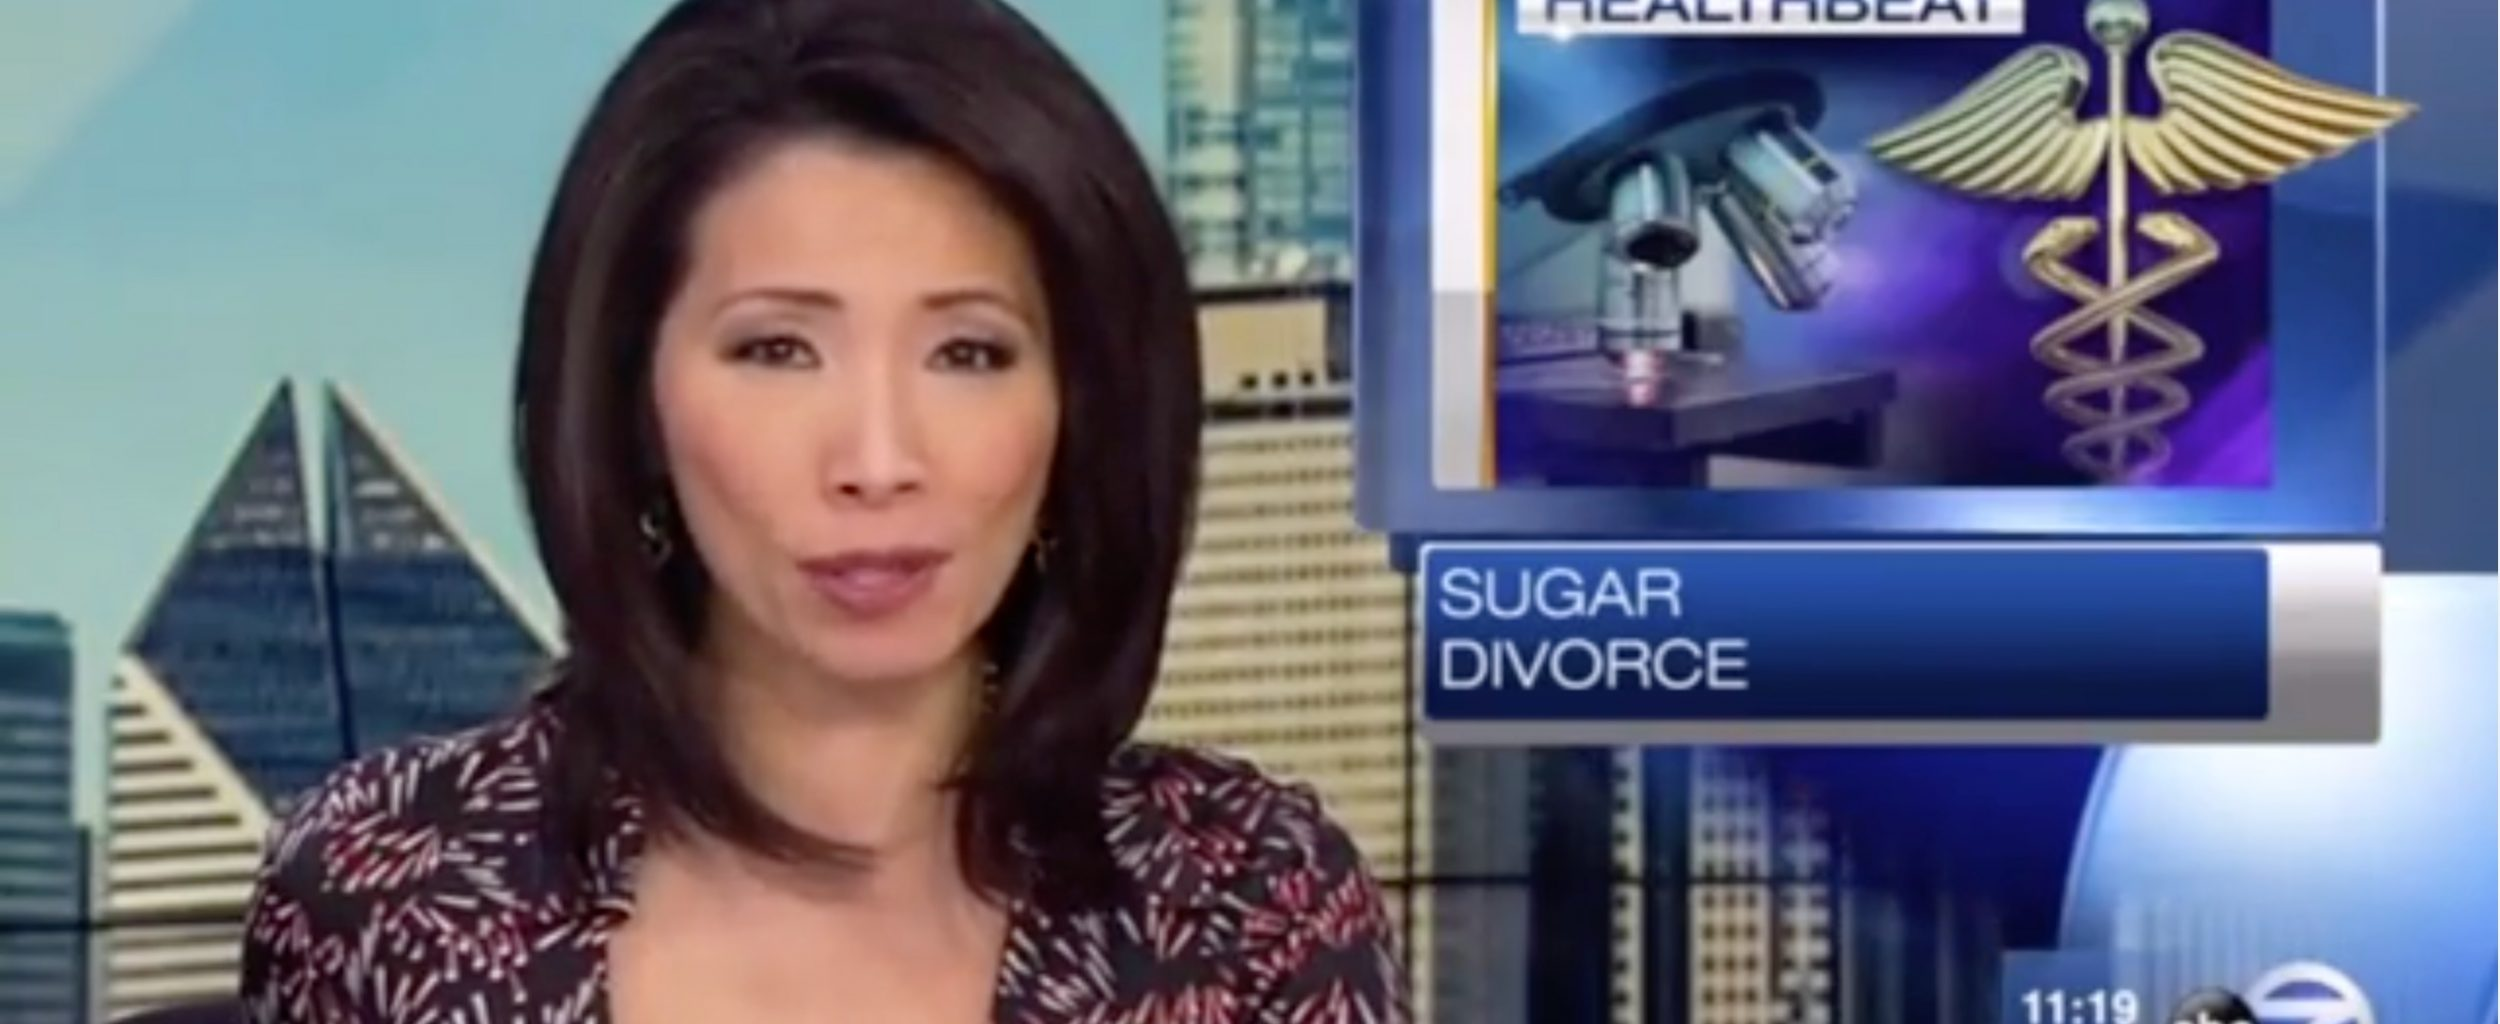 Sugar Divorce Miracle ABC TV News